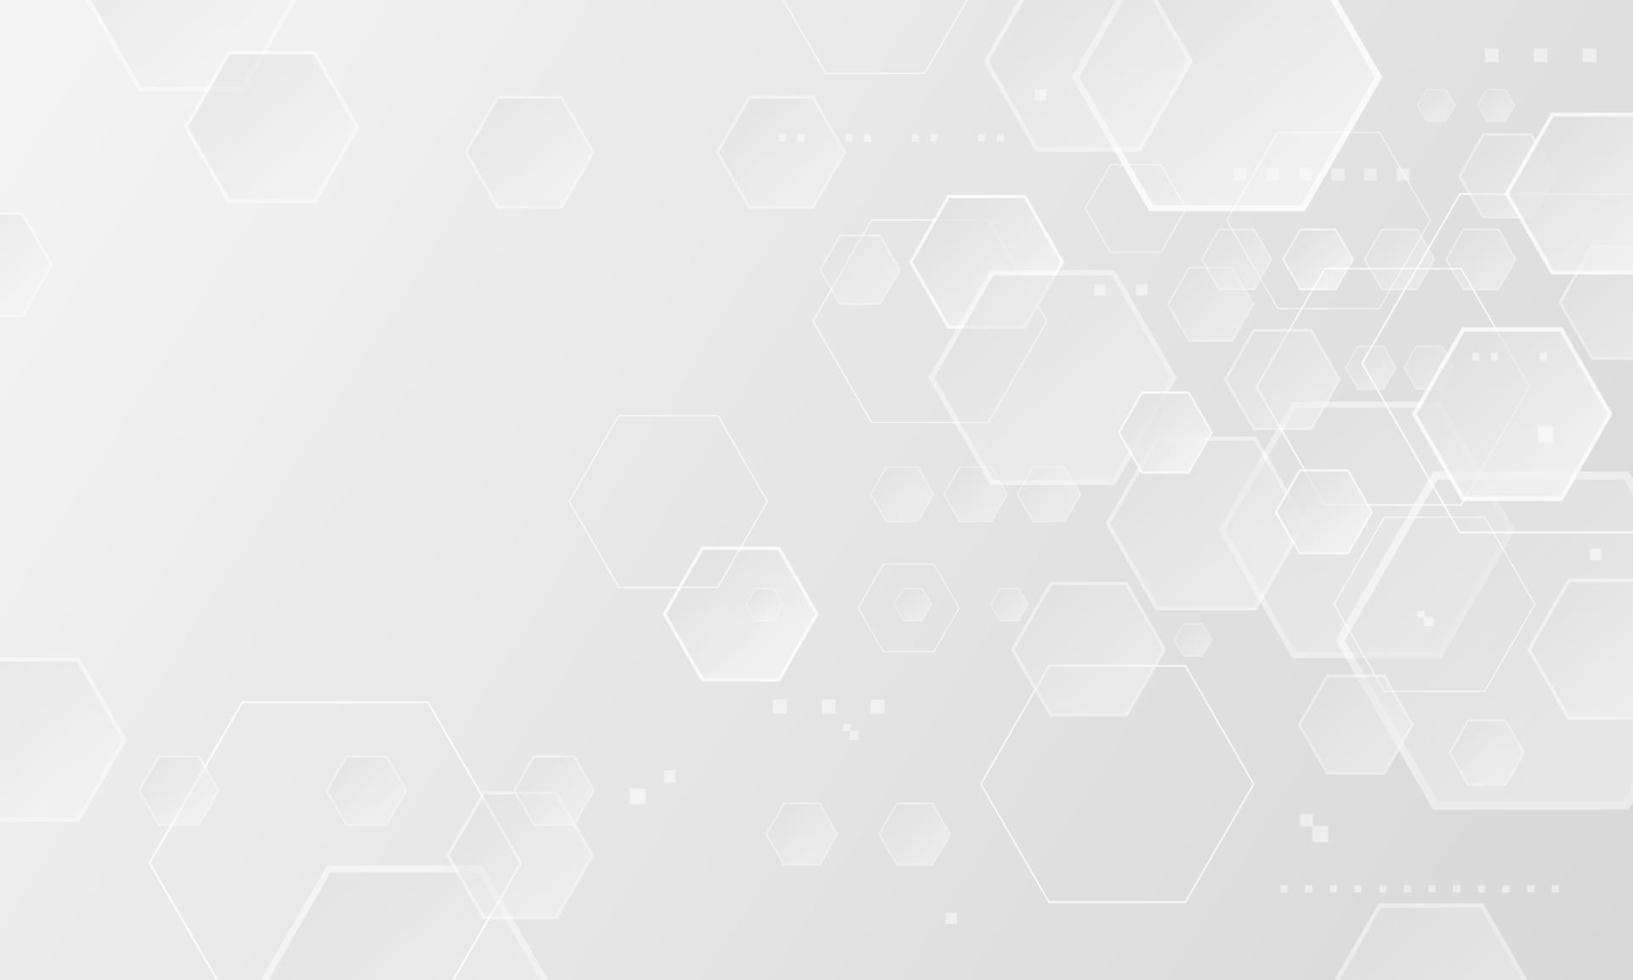 abstrait hexagone avec illustration vectorielle de copie espace vecteur